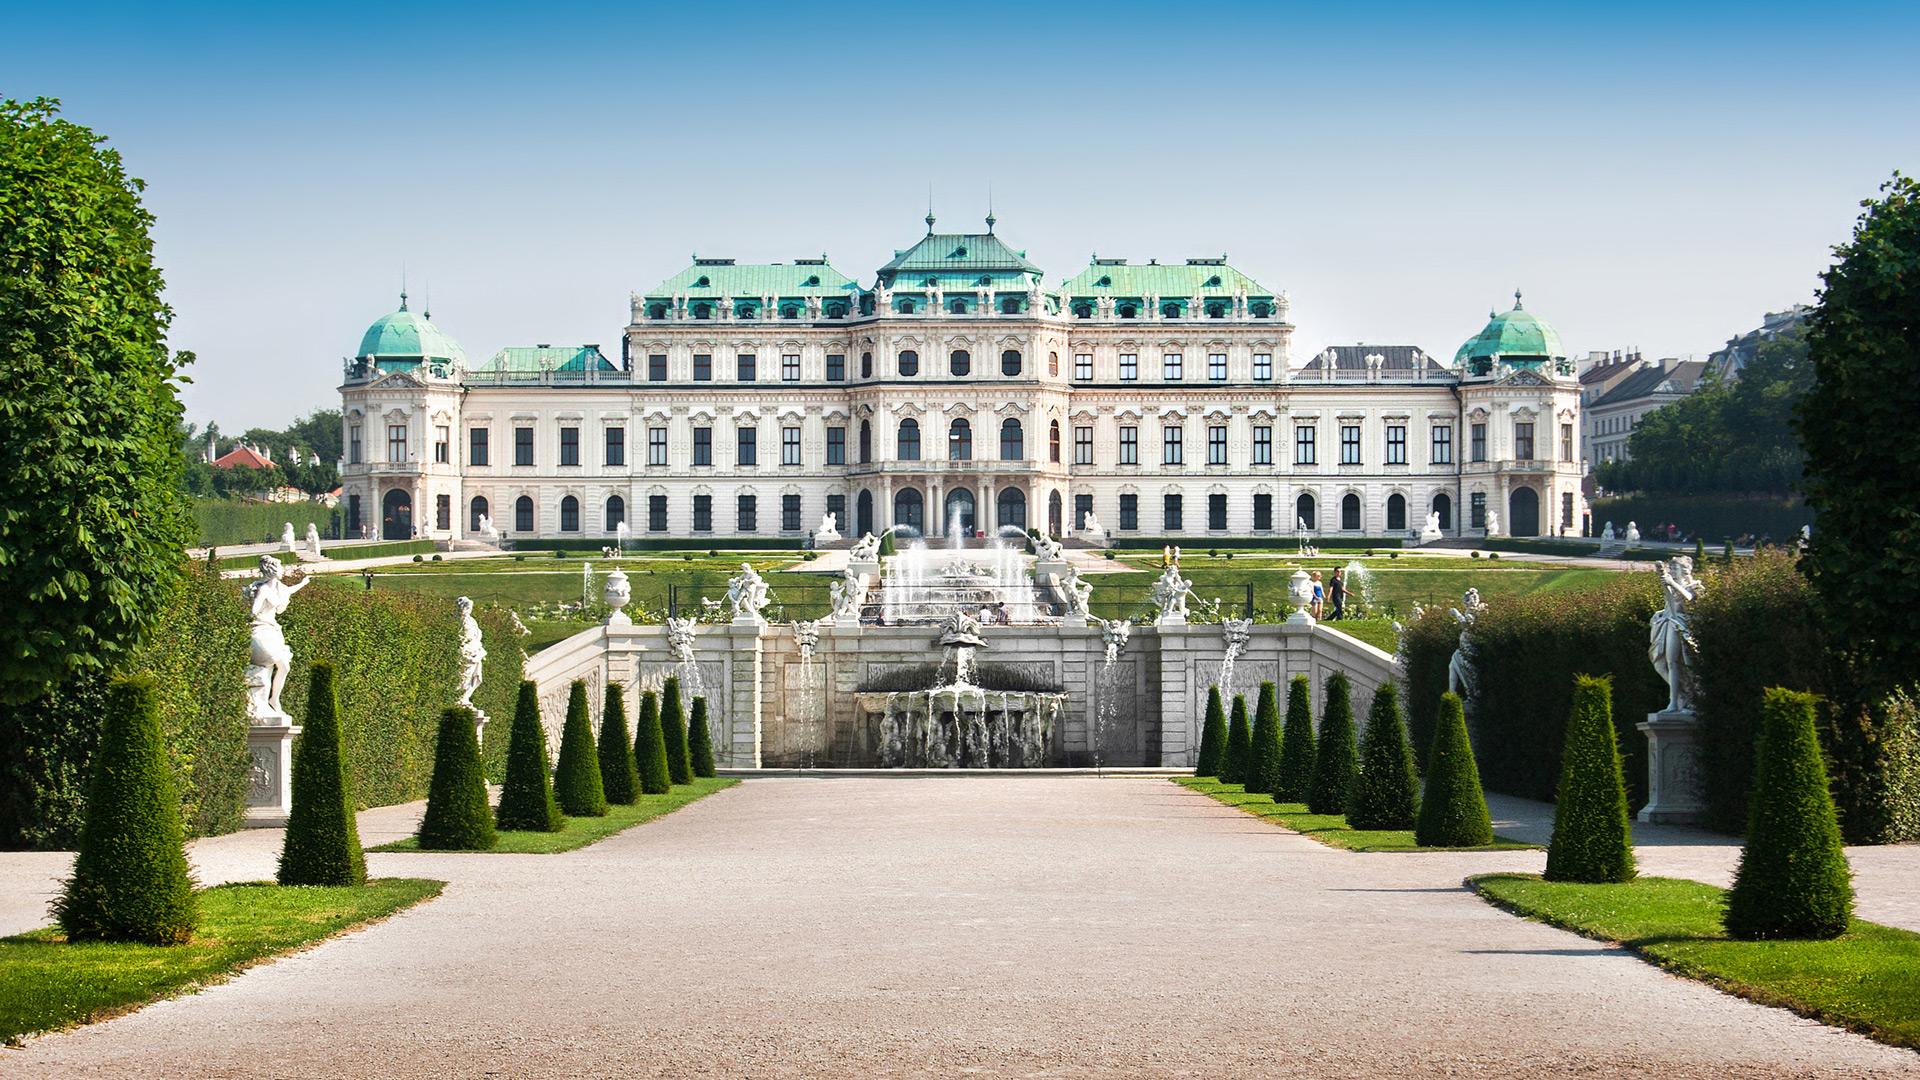 Schloss mit Schlosspark und Brunnen